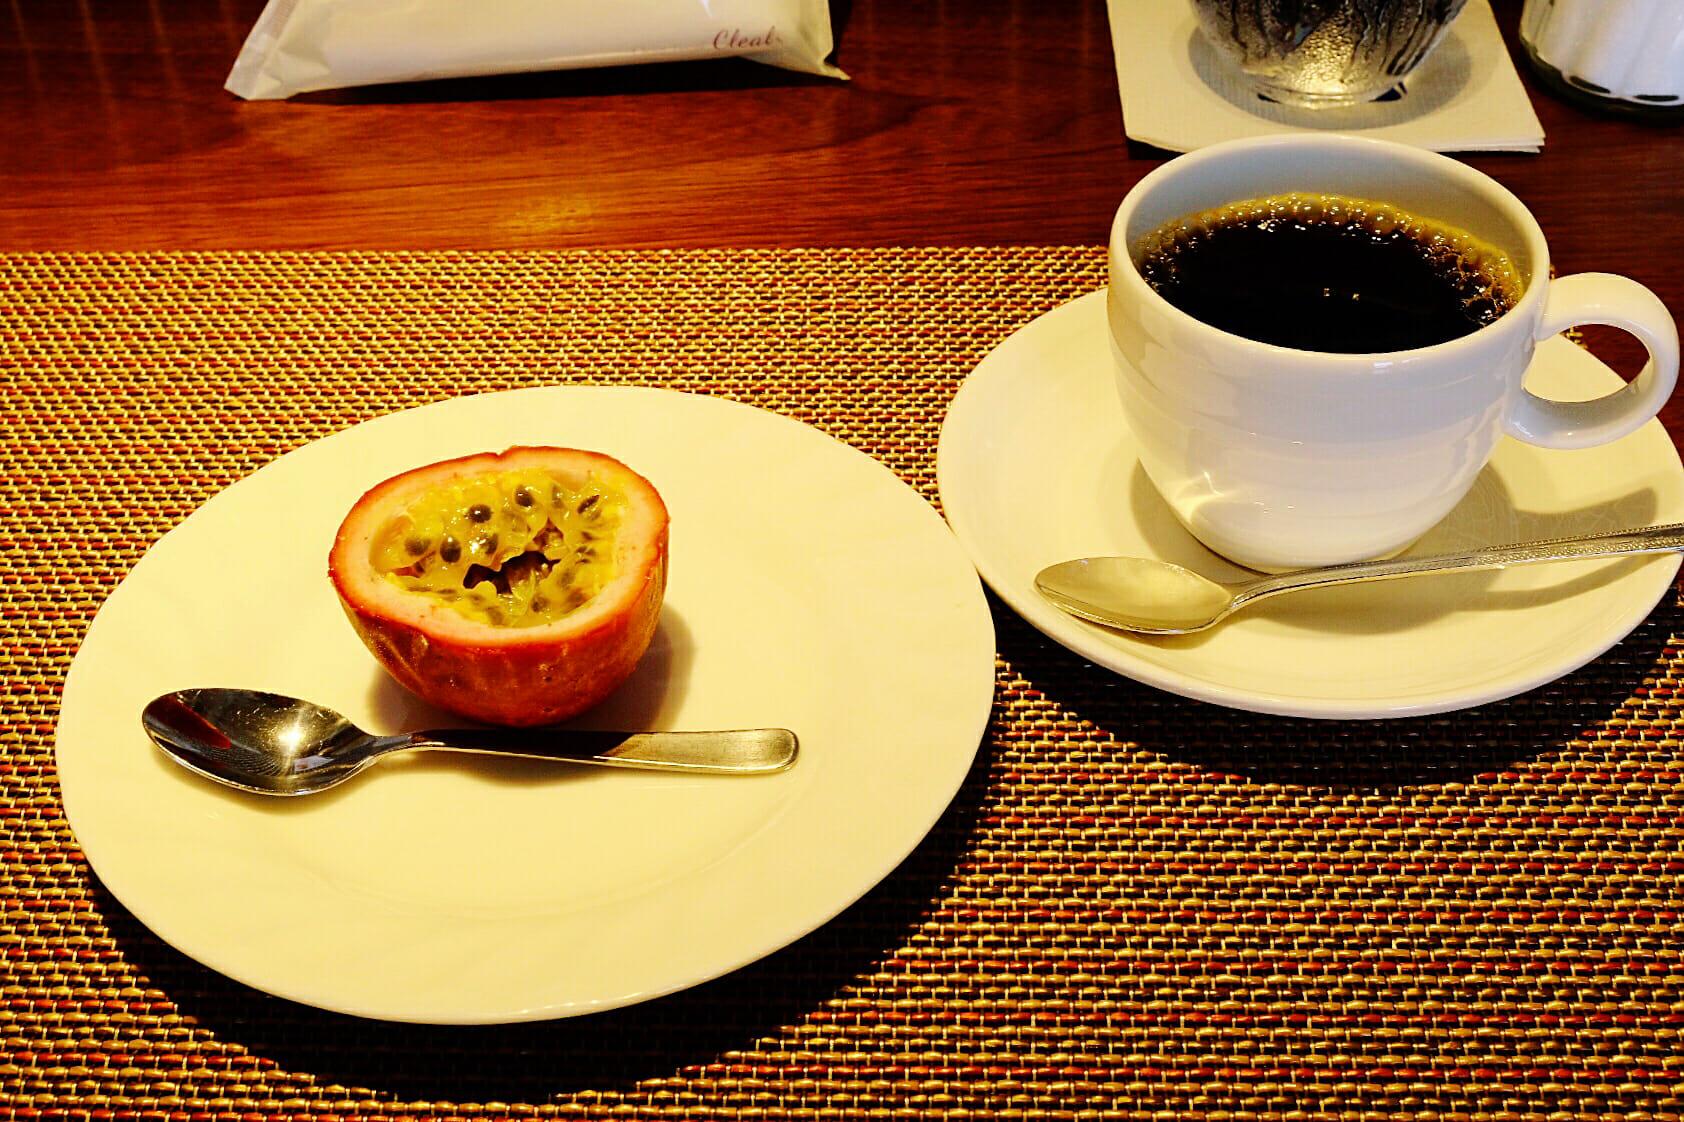 女将さんが奄美の実家から送られてきたパッションフルーツをデザートに出してくれた。